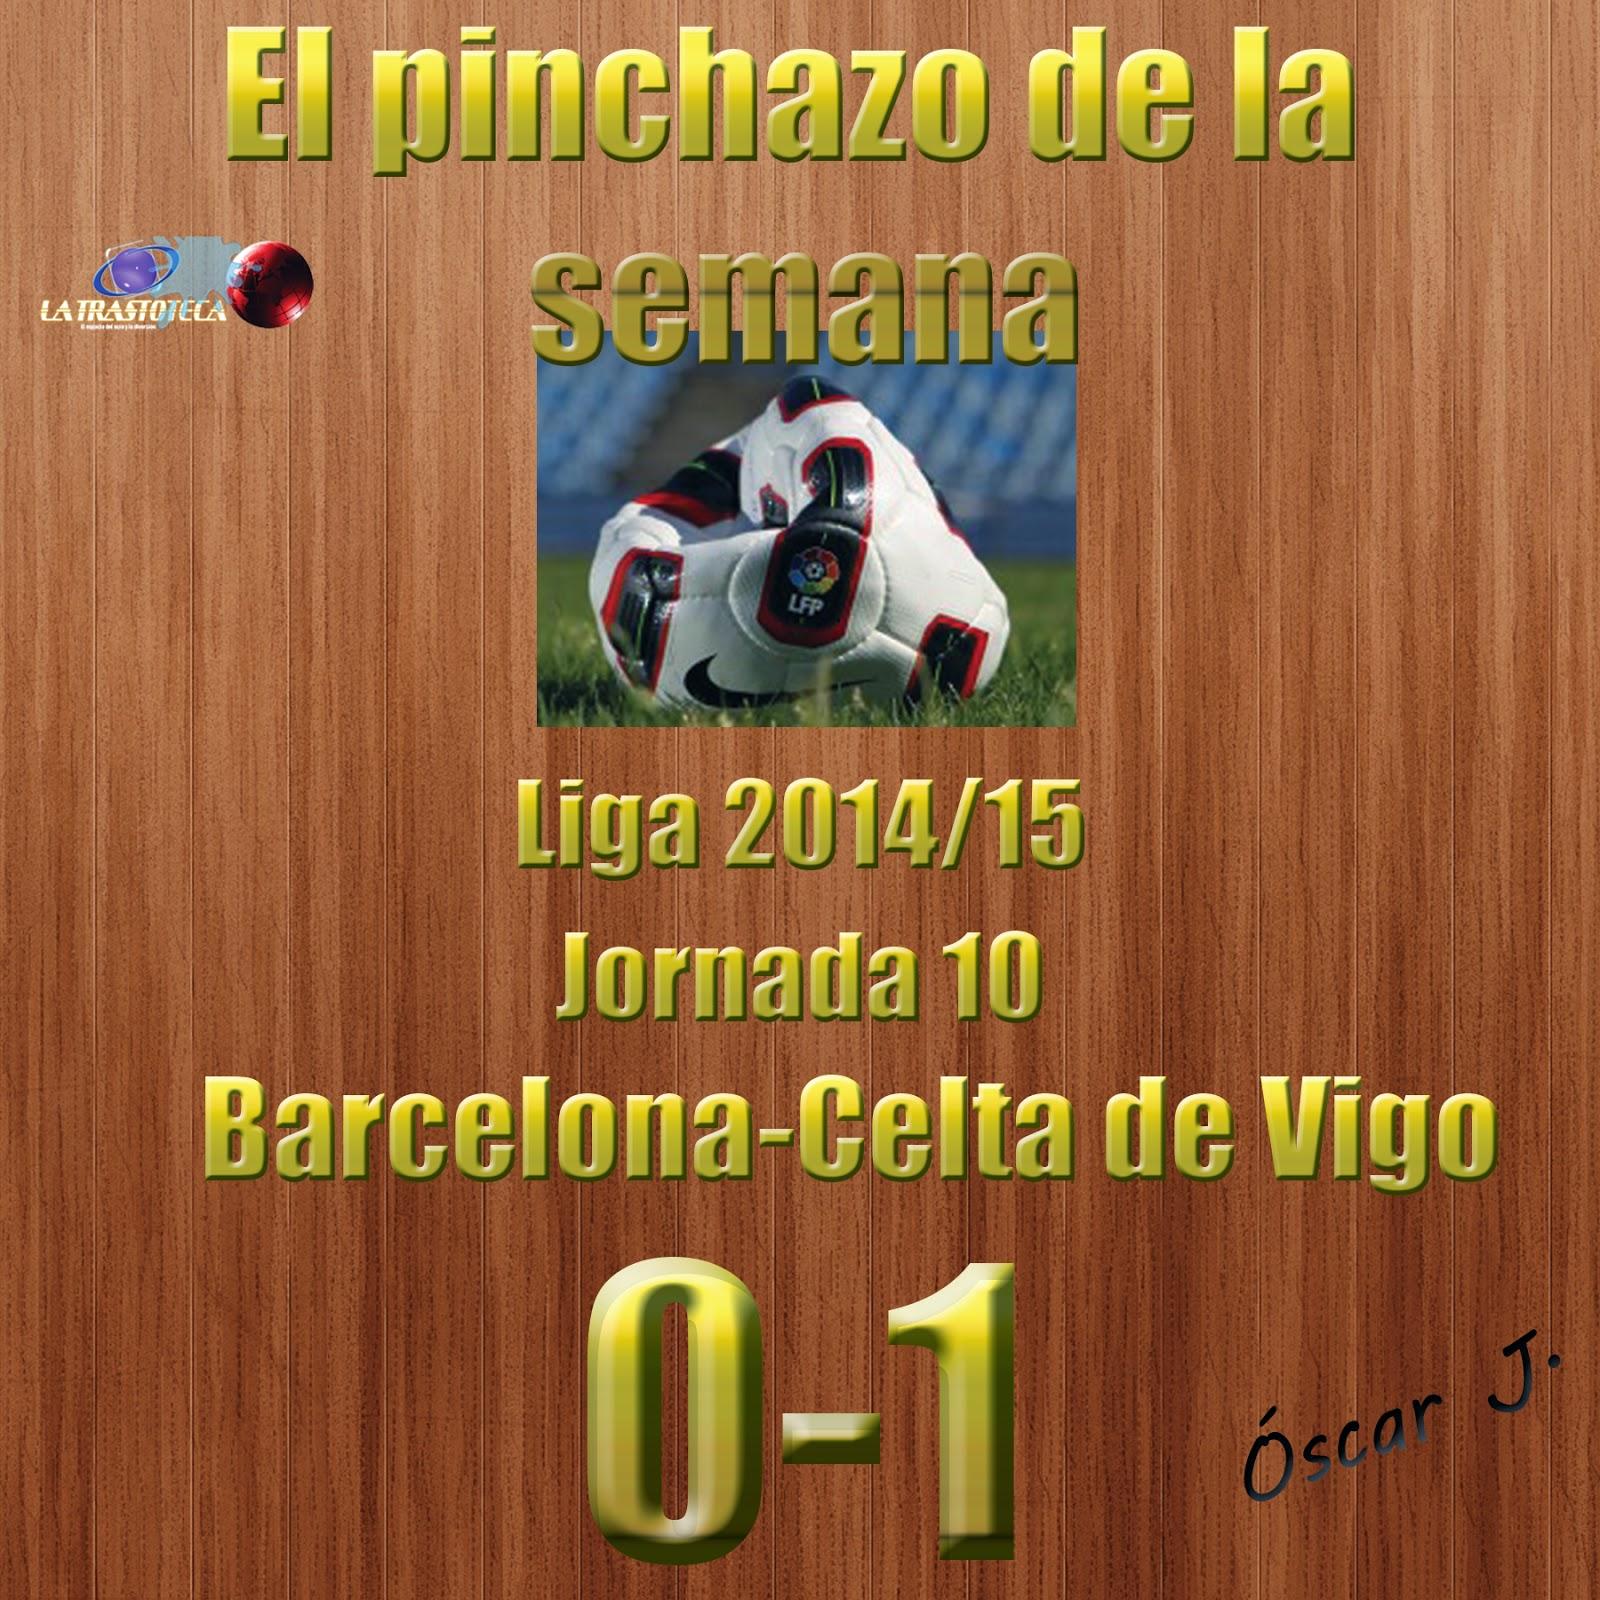 Barcelona 0-1 Celta de Vigo. Liga 2014/15 - Jornada 10. El pinchazo de la semana.